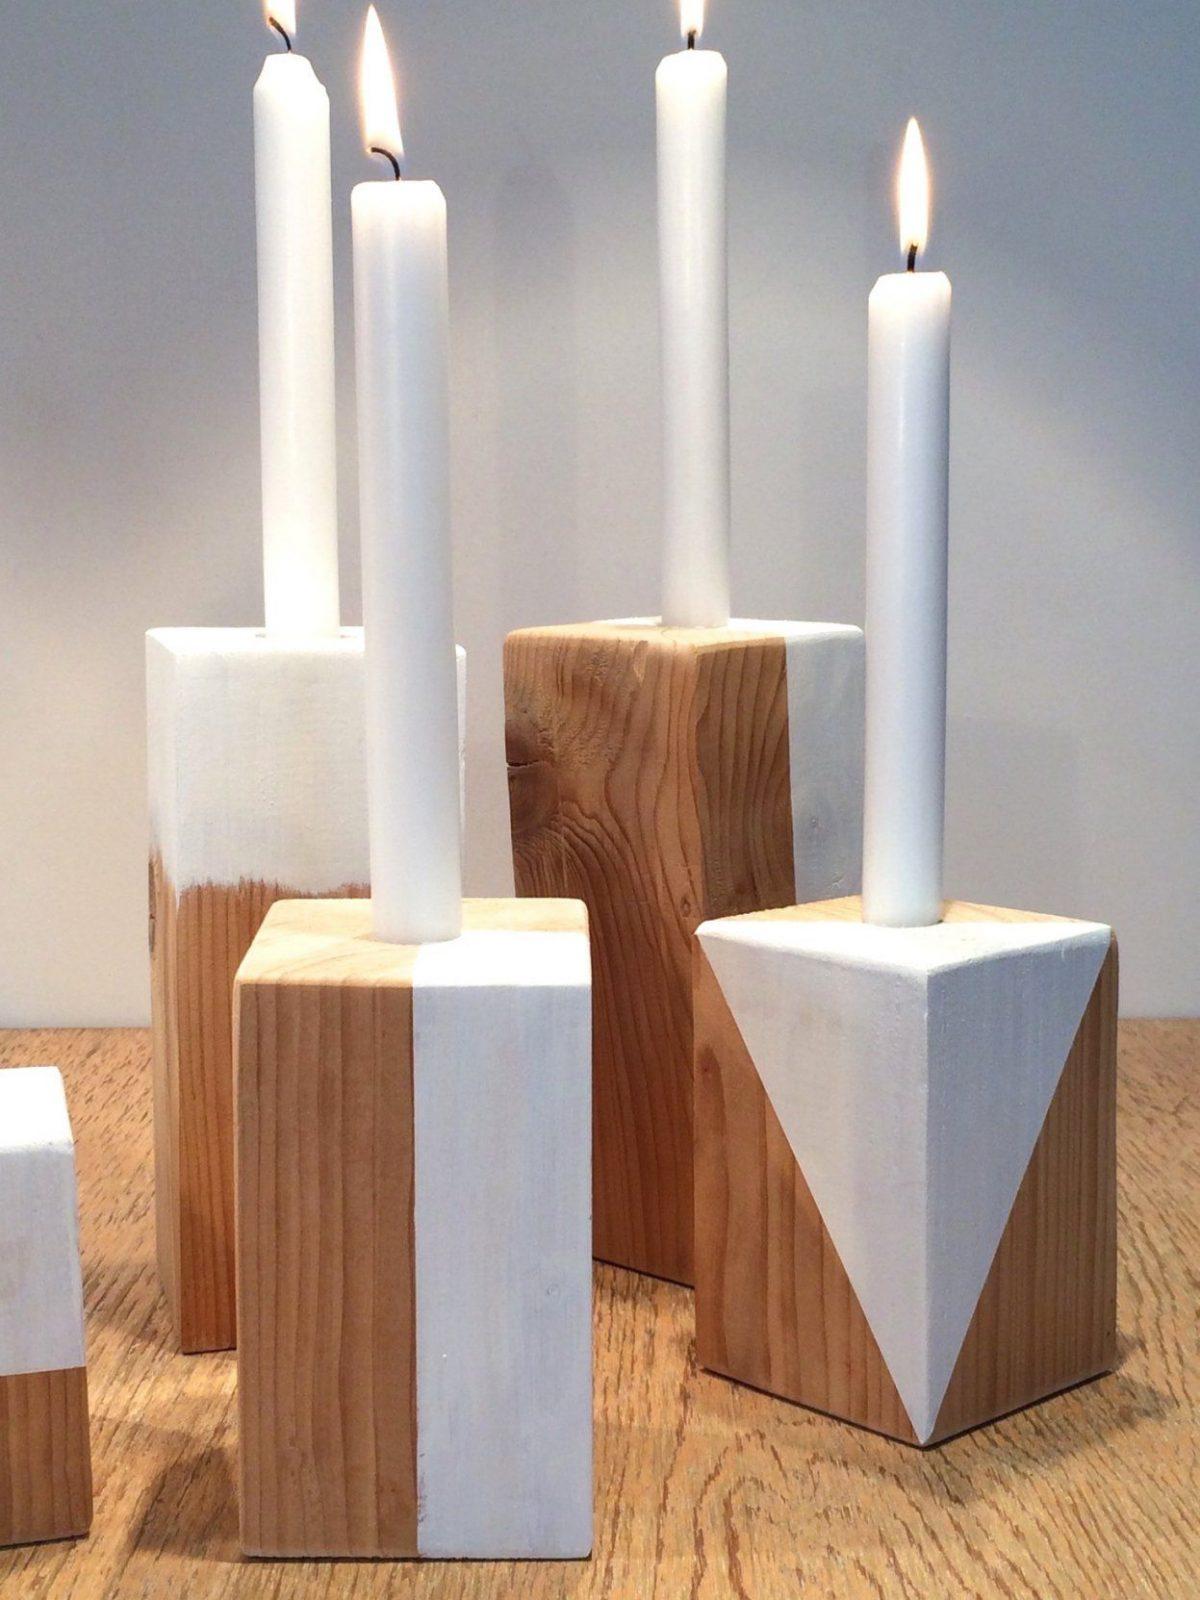 Diy Trendige Kerzenständer Aus Holz Selbst Herstellen Und Avec von Kerzenständer Selber Machen Holz Bild